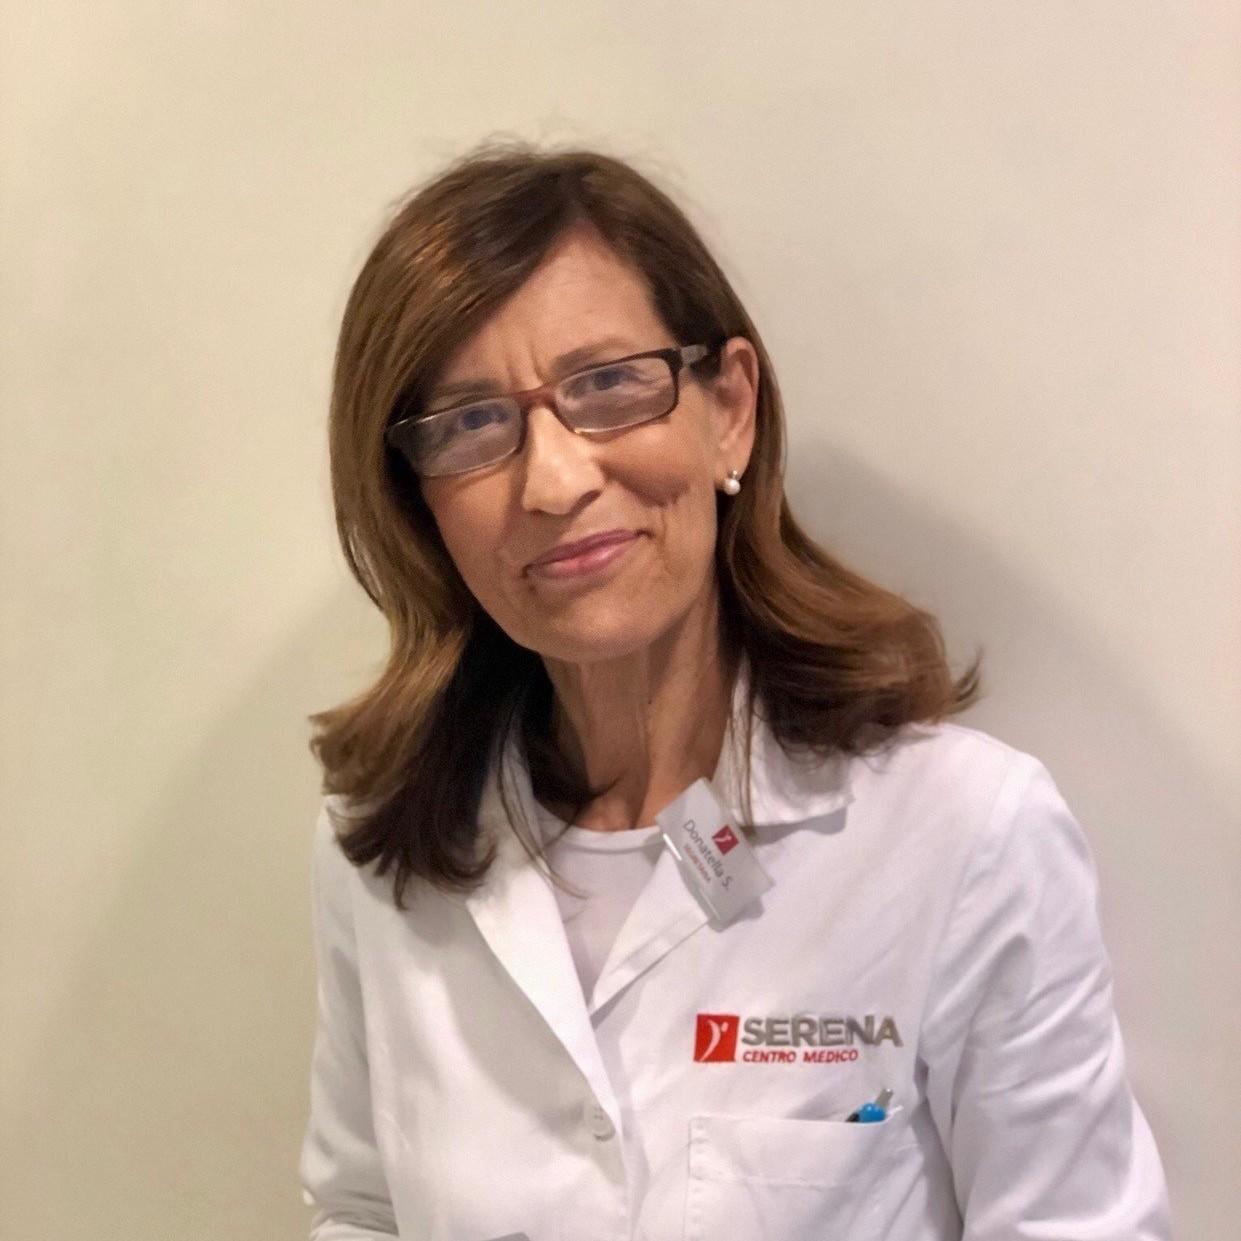 6cc866eb93 Poliambulatorio | Centro Medico Serena